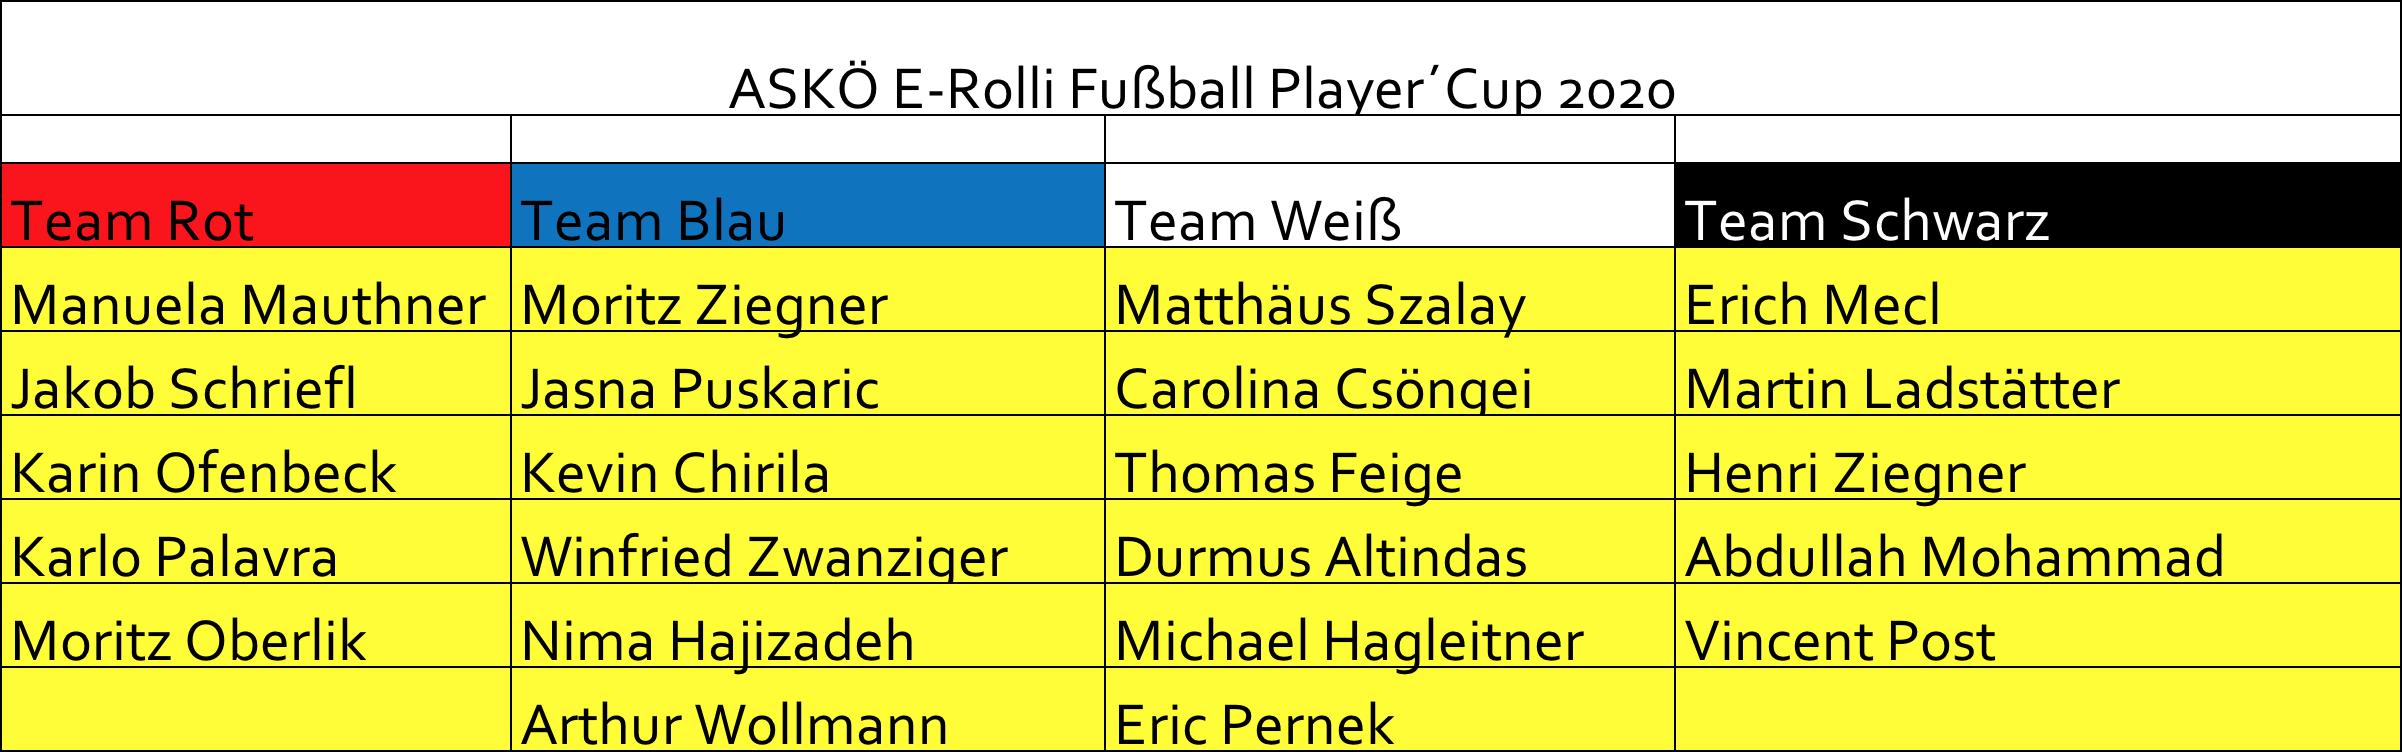 SpielerInnen Tabelle beim ASKÖ Player's CUP am 25. Jänner 2020 in Wien